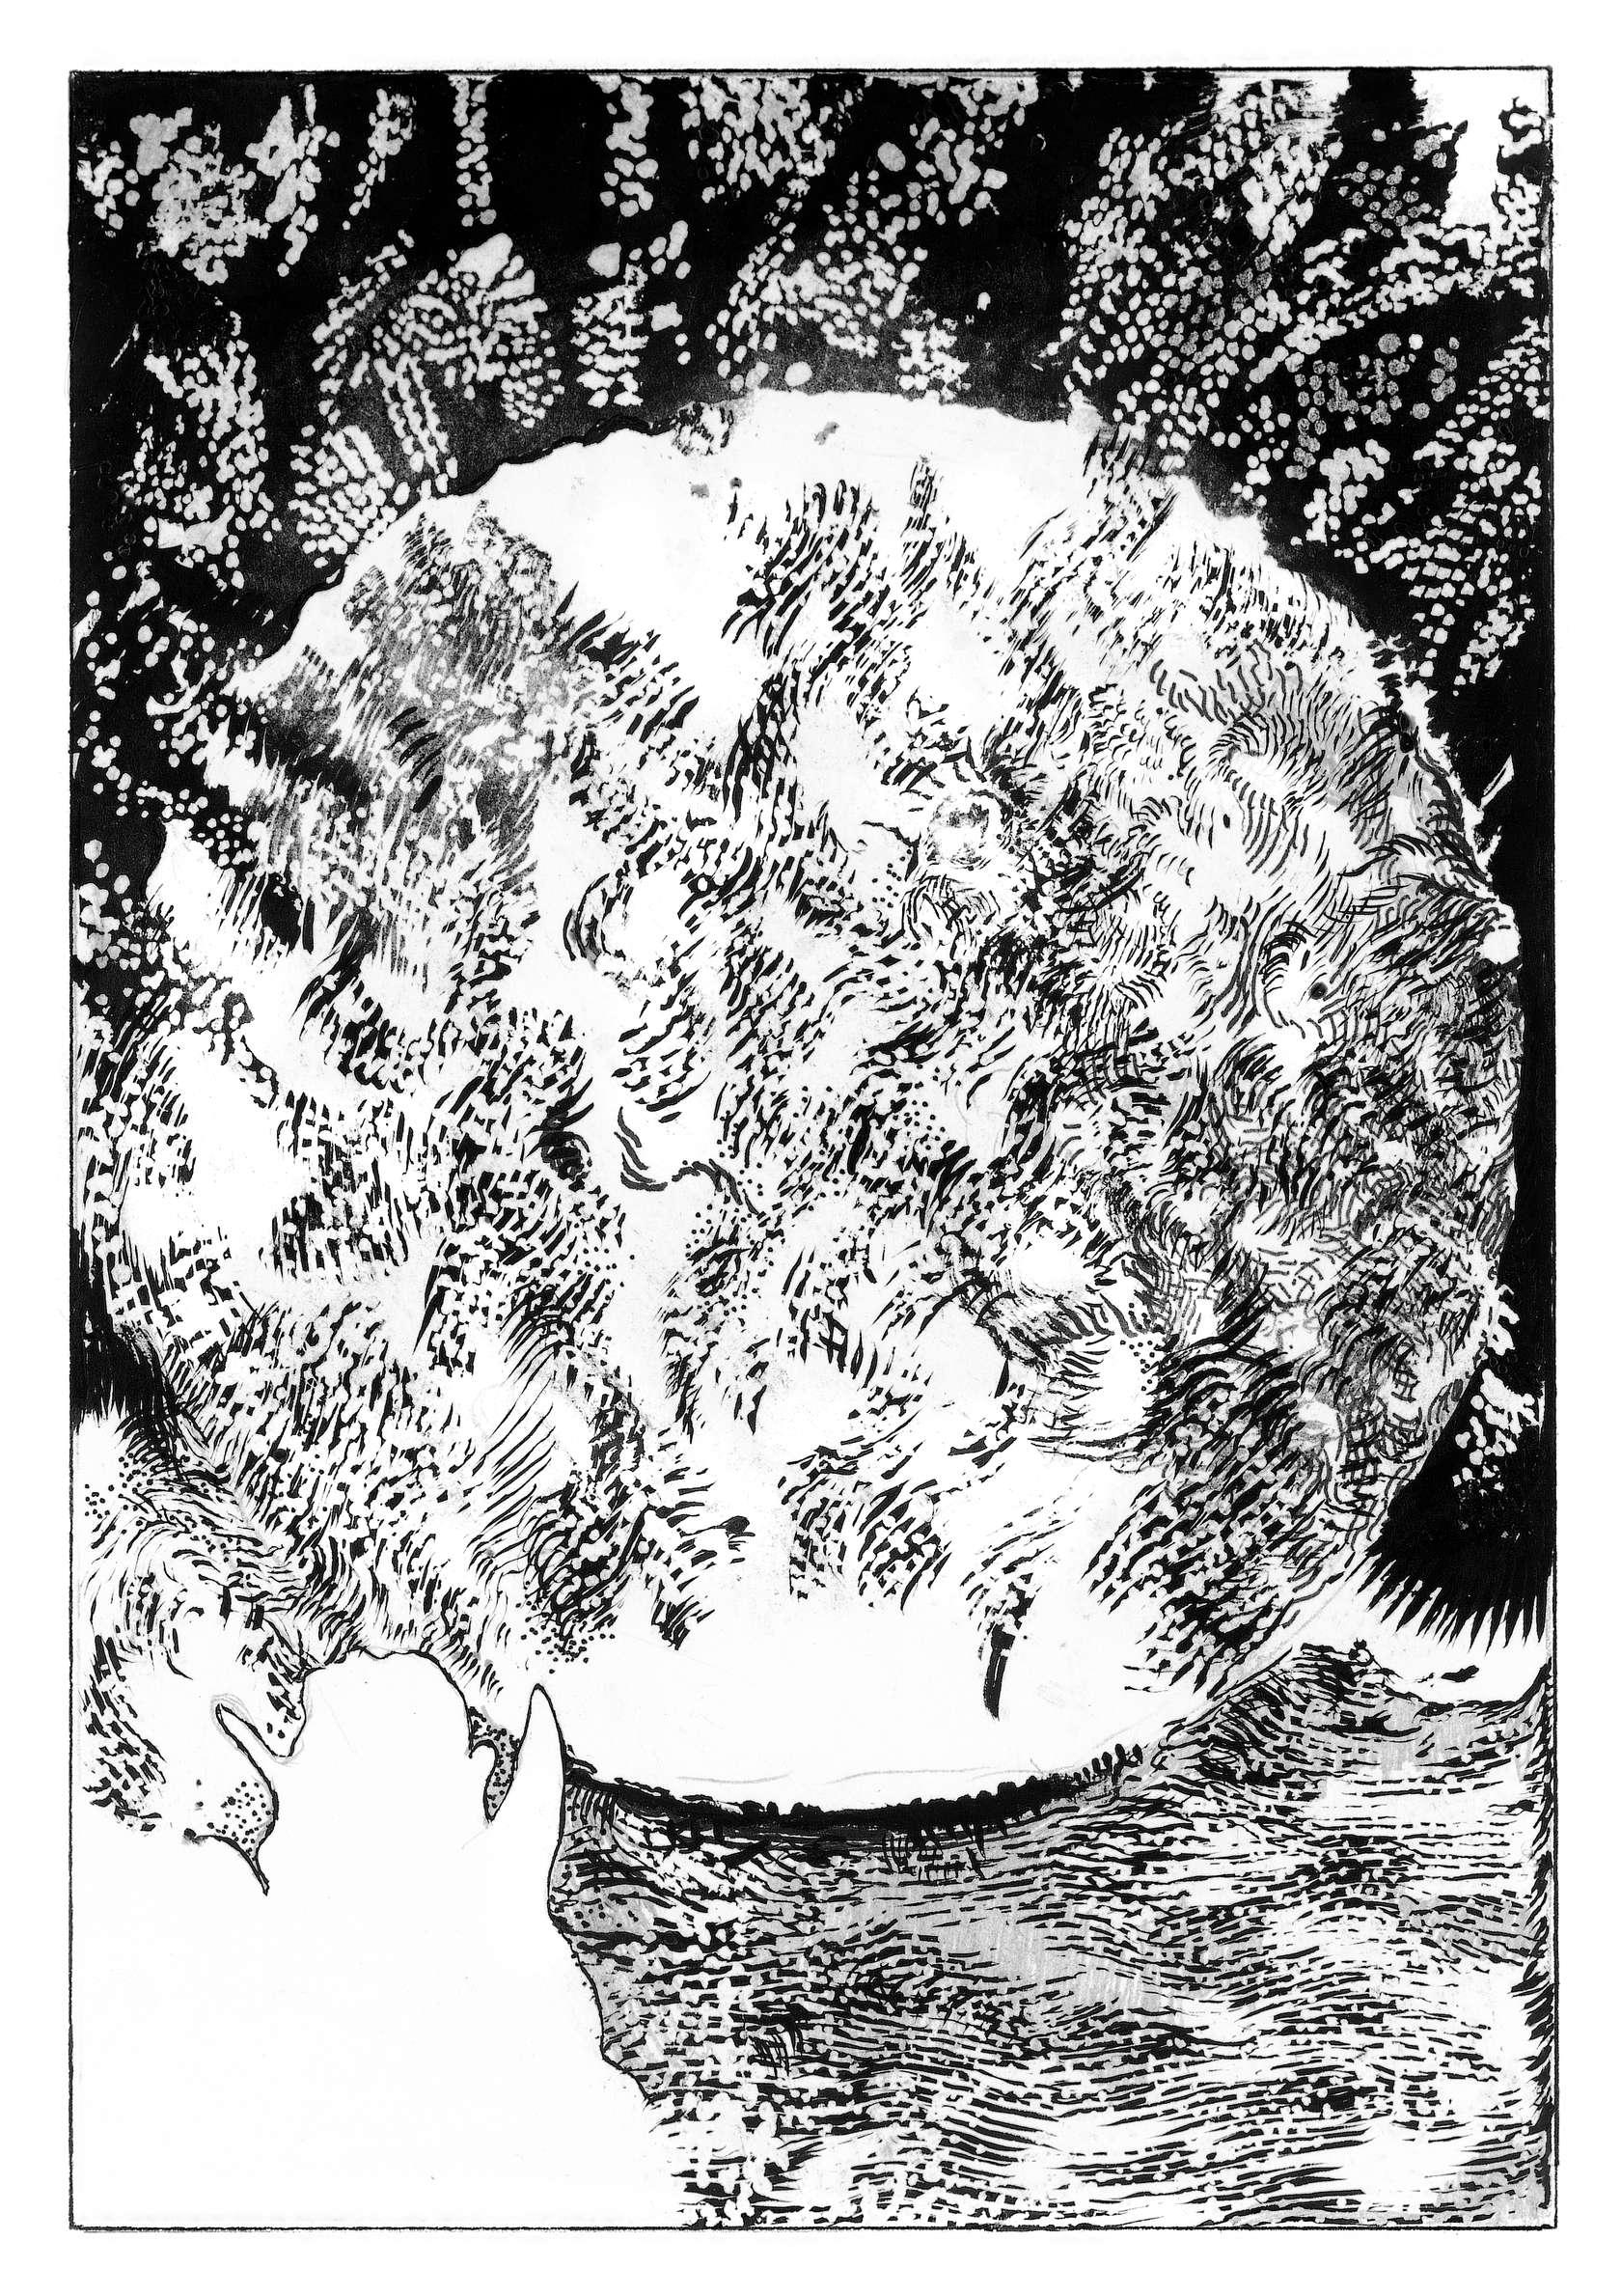 Julien Tiberi, Symphonic Lava, 2019 Encre et mine de plomb sur papier17.5 × 12 cm / 6 7/8 × 4 6/8 in. | 31.5 × 25.5 cm / 12 3/8 × 10  in. (encadré/framed)